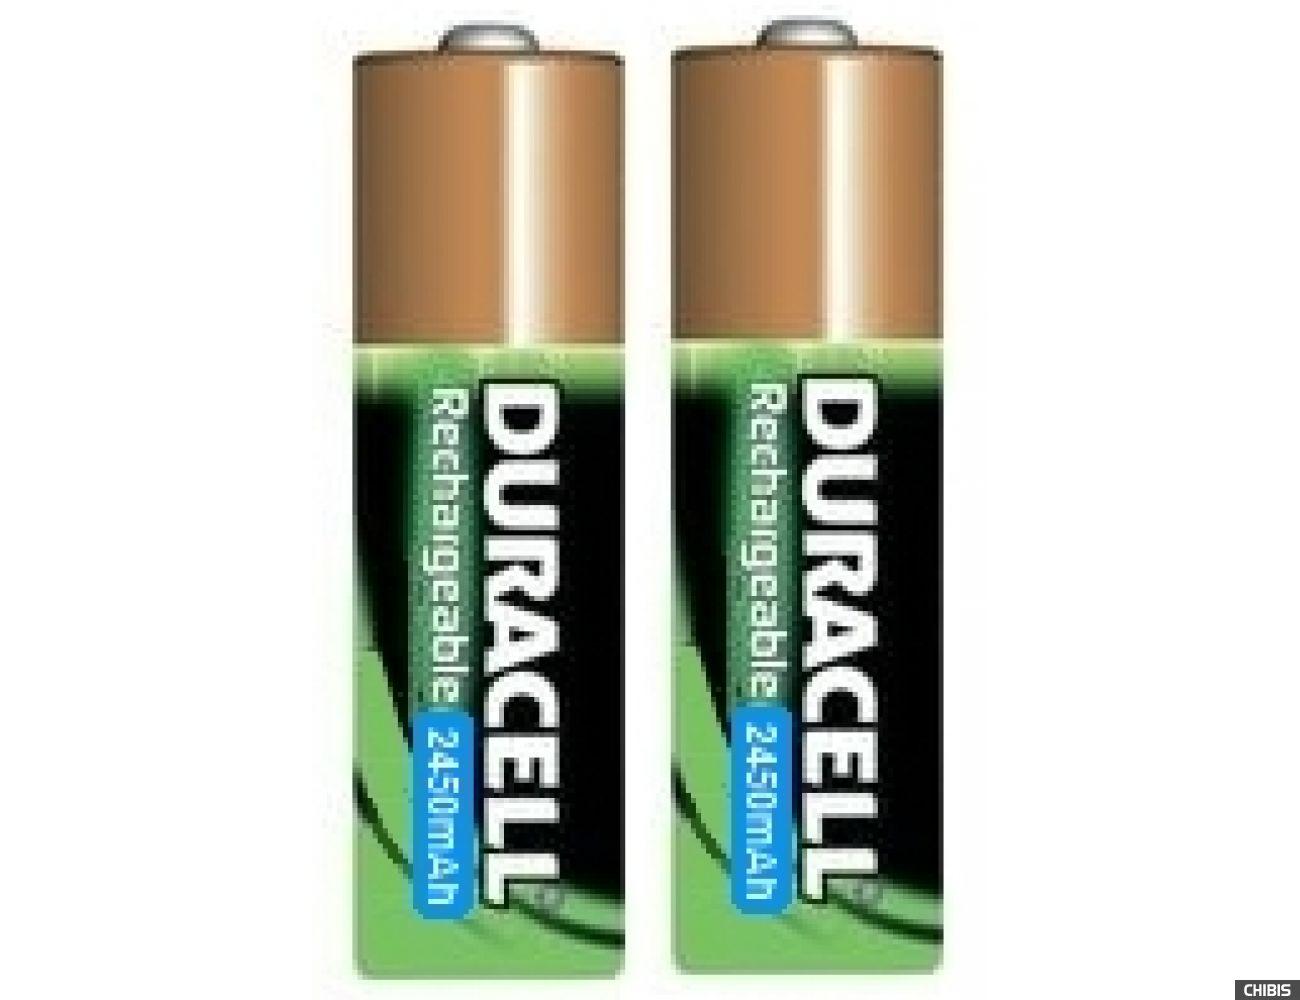 Аккумуляторные батарейки АА Duracell 2450 mAh (HR6, Ni-Mh, 1.2V) 2/2 шт. 5000394203631